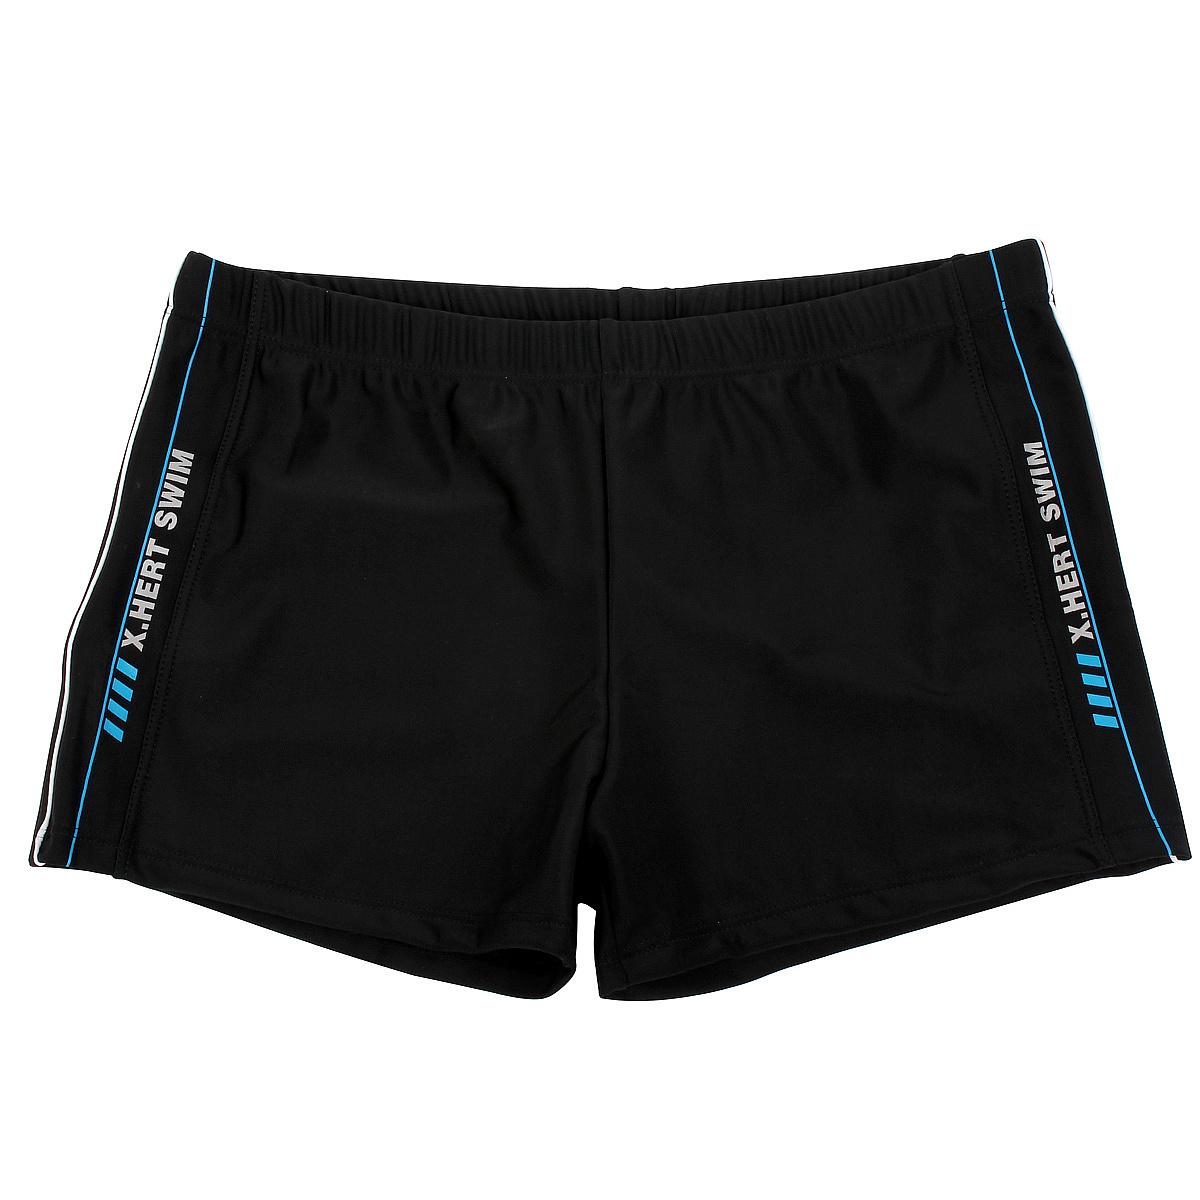 Цвет: [Black 1] штаны